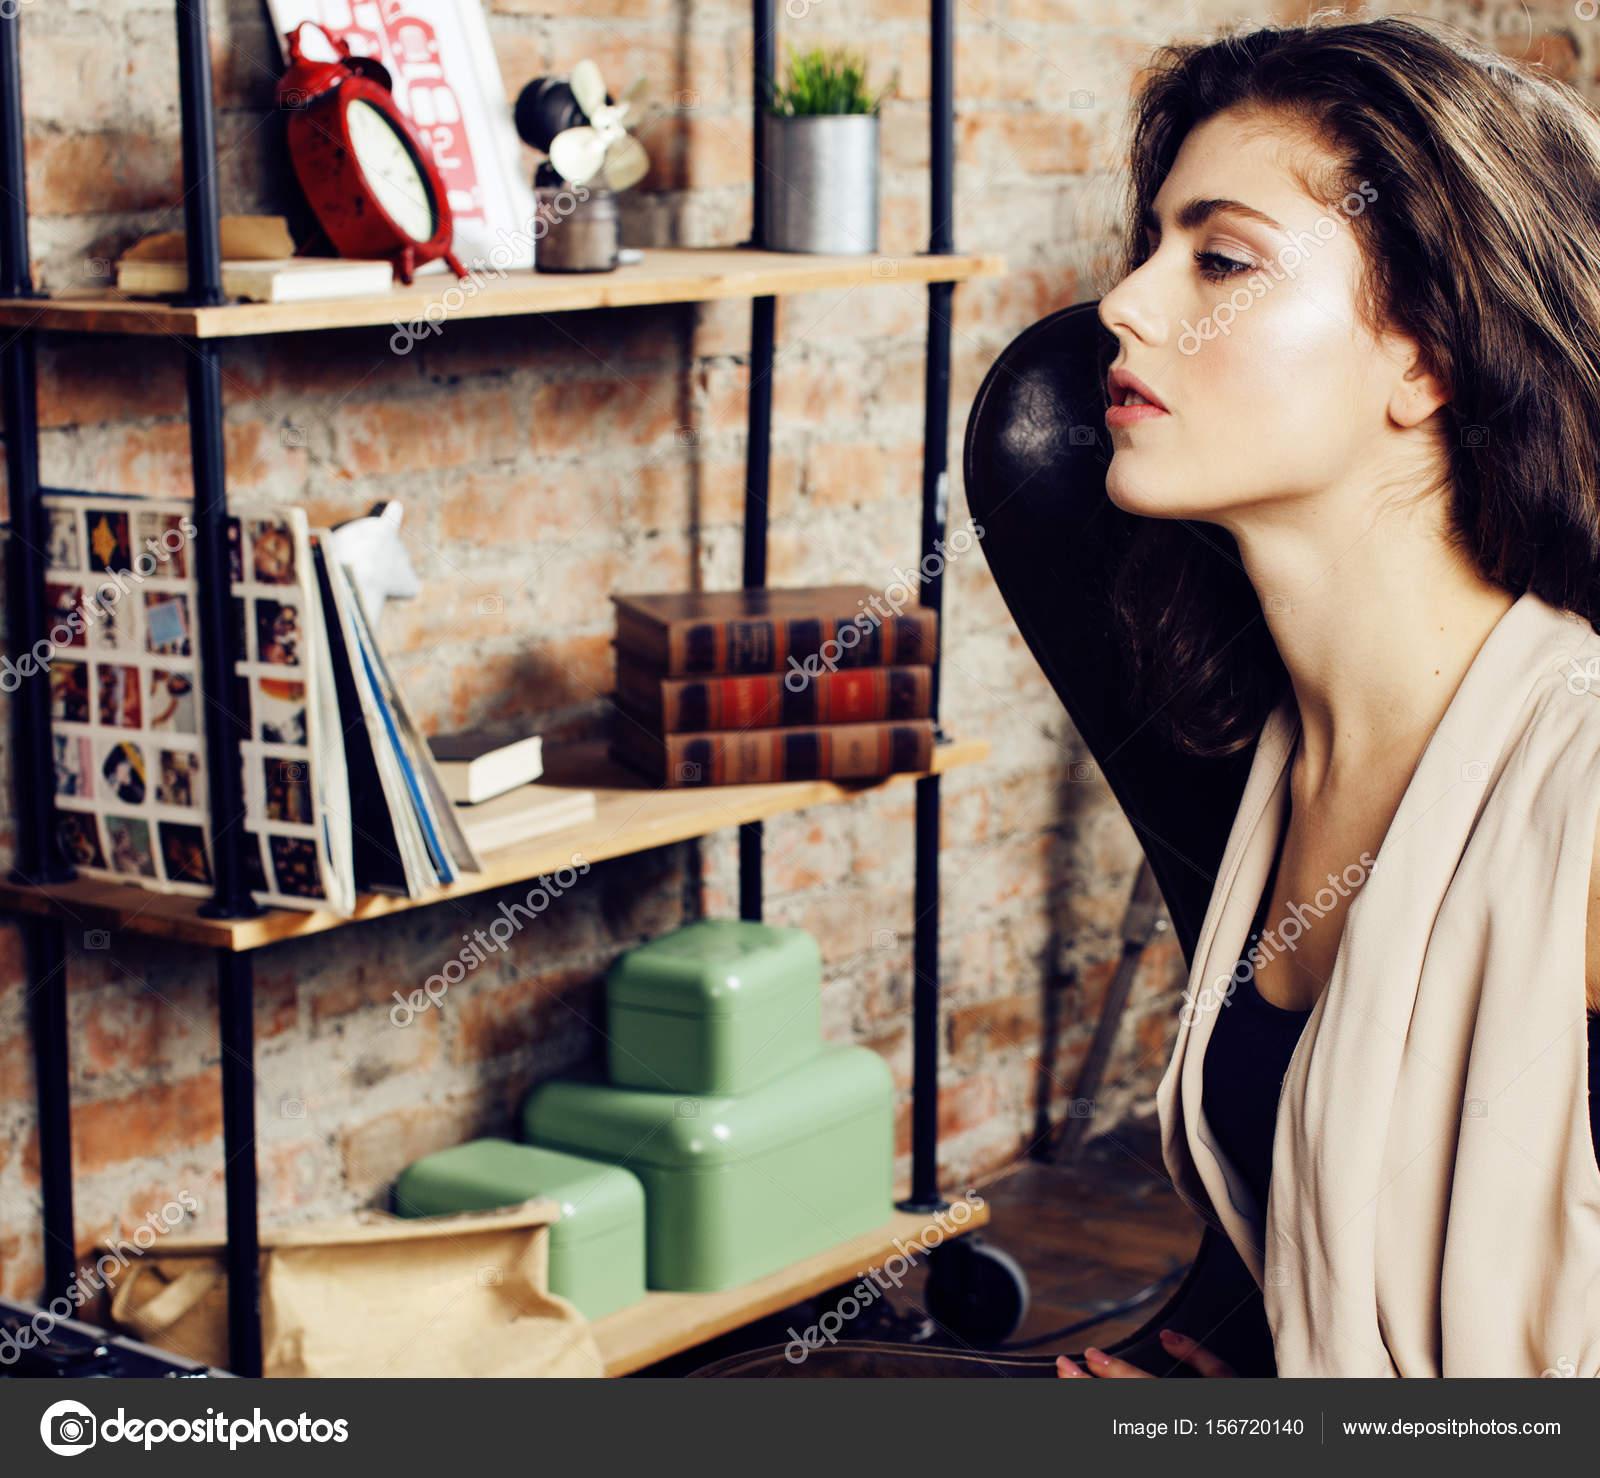 Fantastisch Junge Hübsche Frau Allein Im Modernen Loft Studio, Moderne Mädchen Hipster,  Musiker Modekonzept